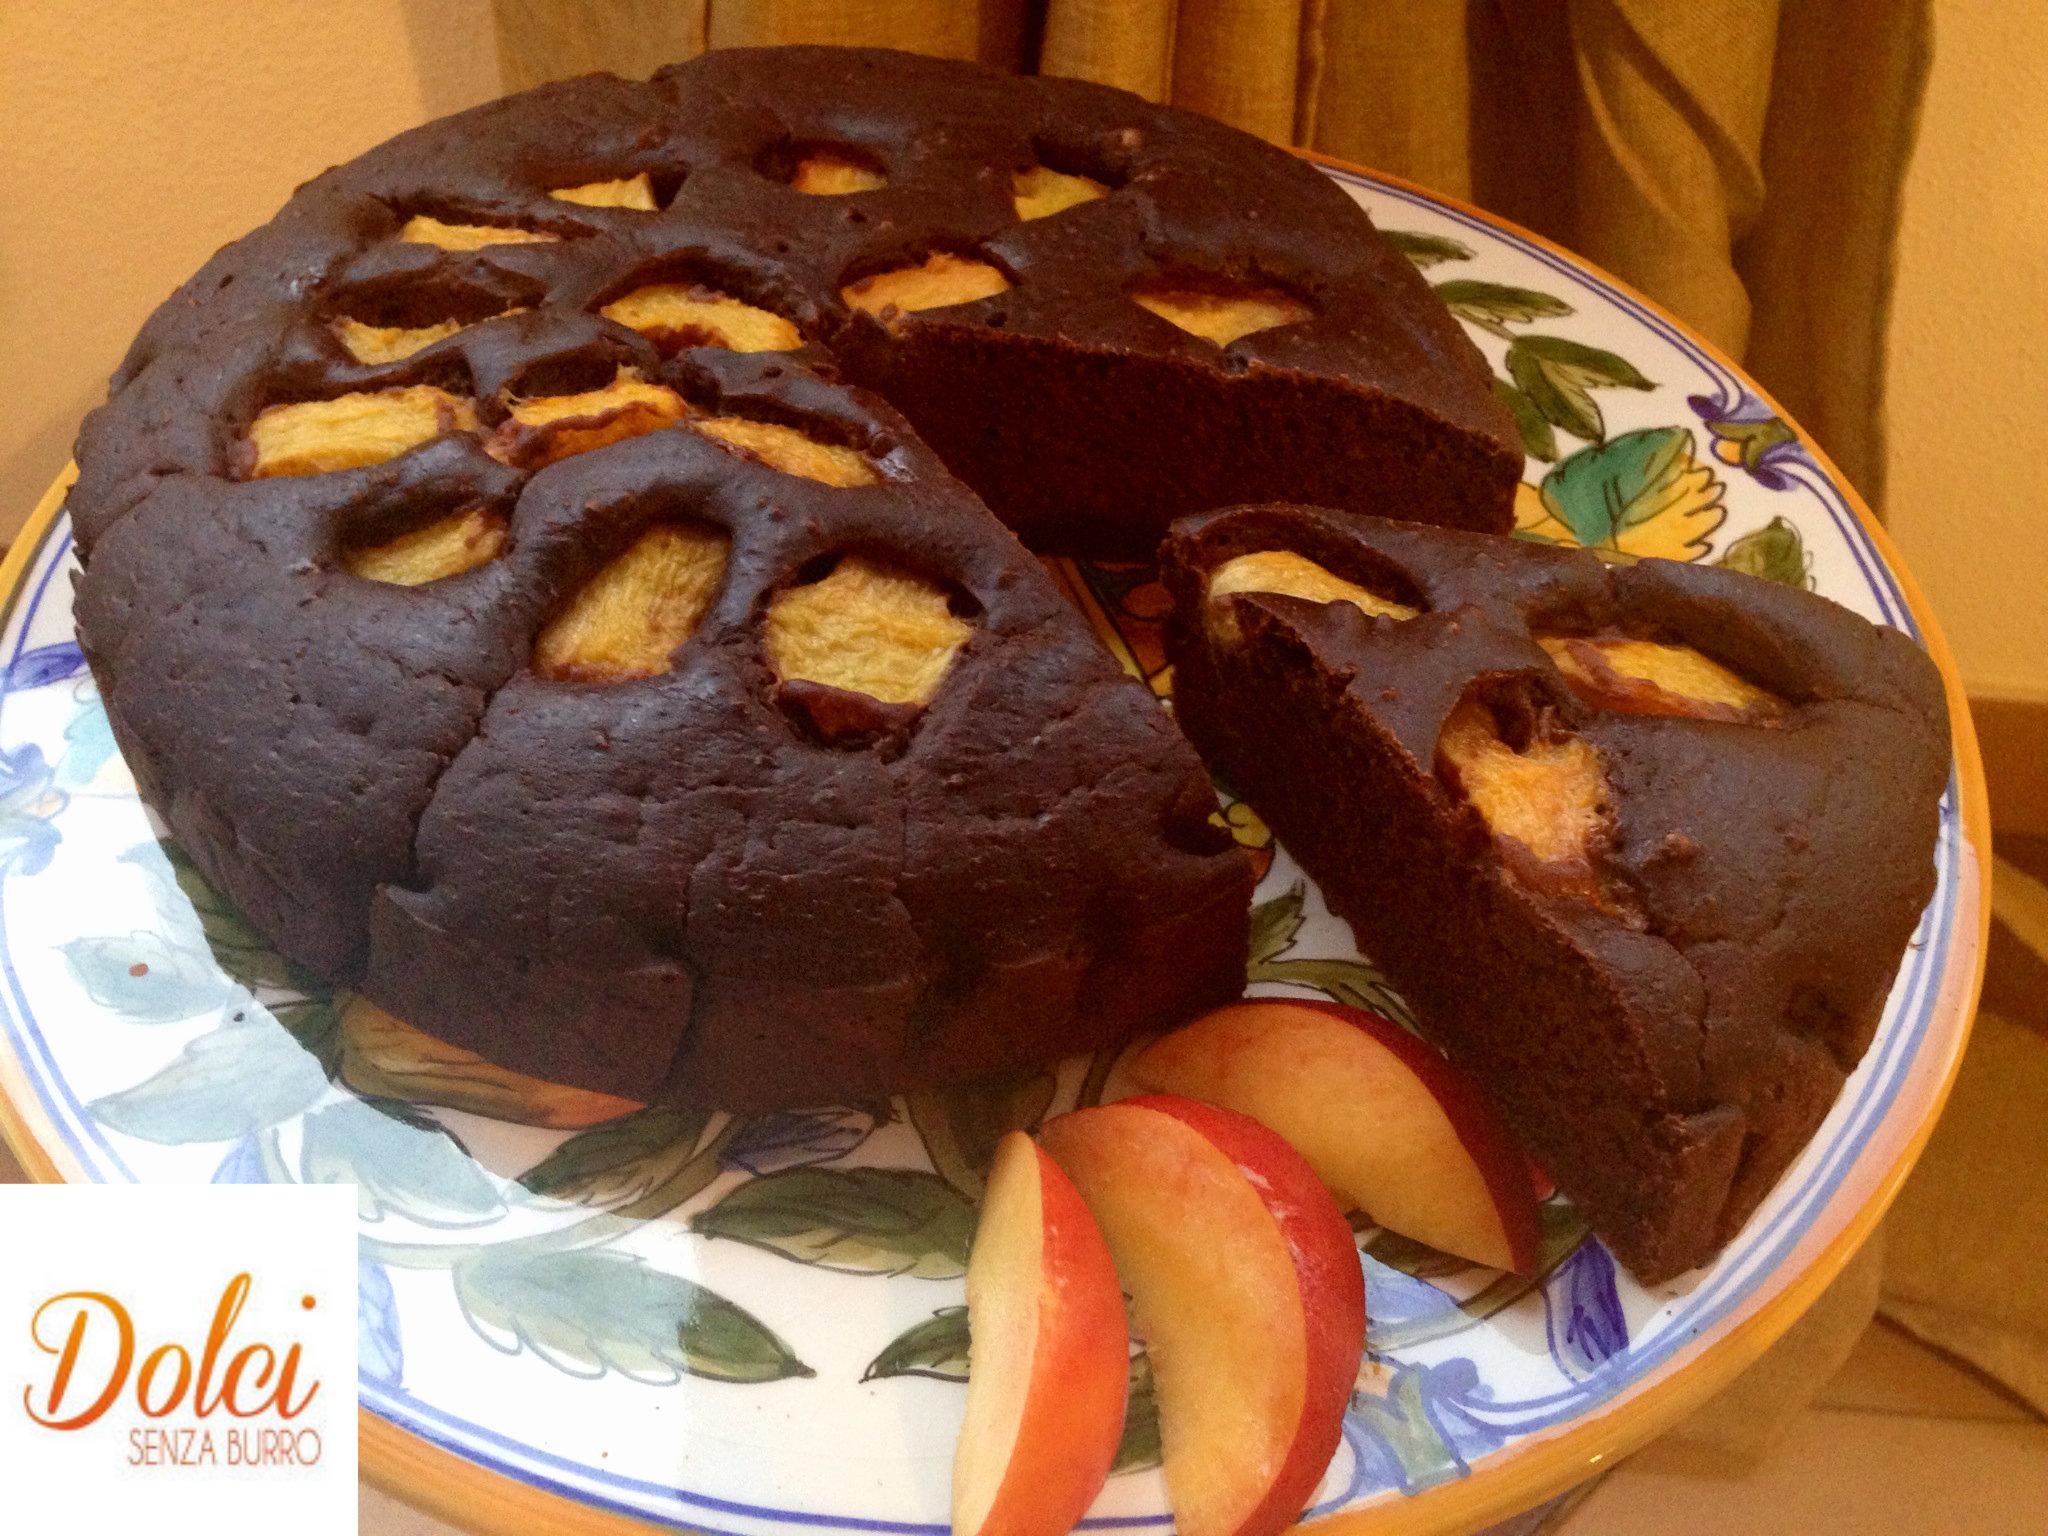 La torta cioccolato e pesche senza burro, un connubio perfetto di dolci senza burro